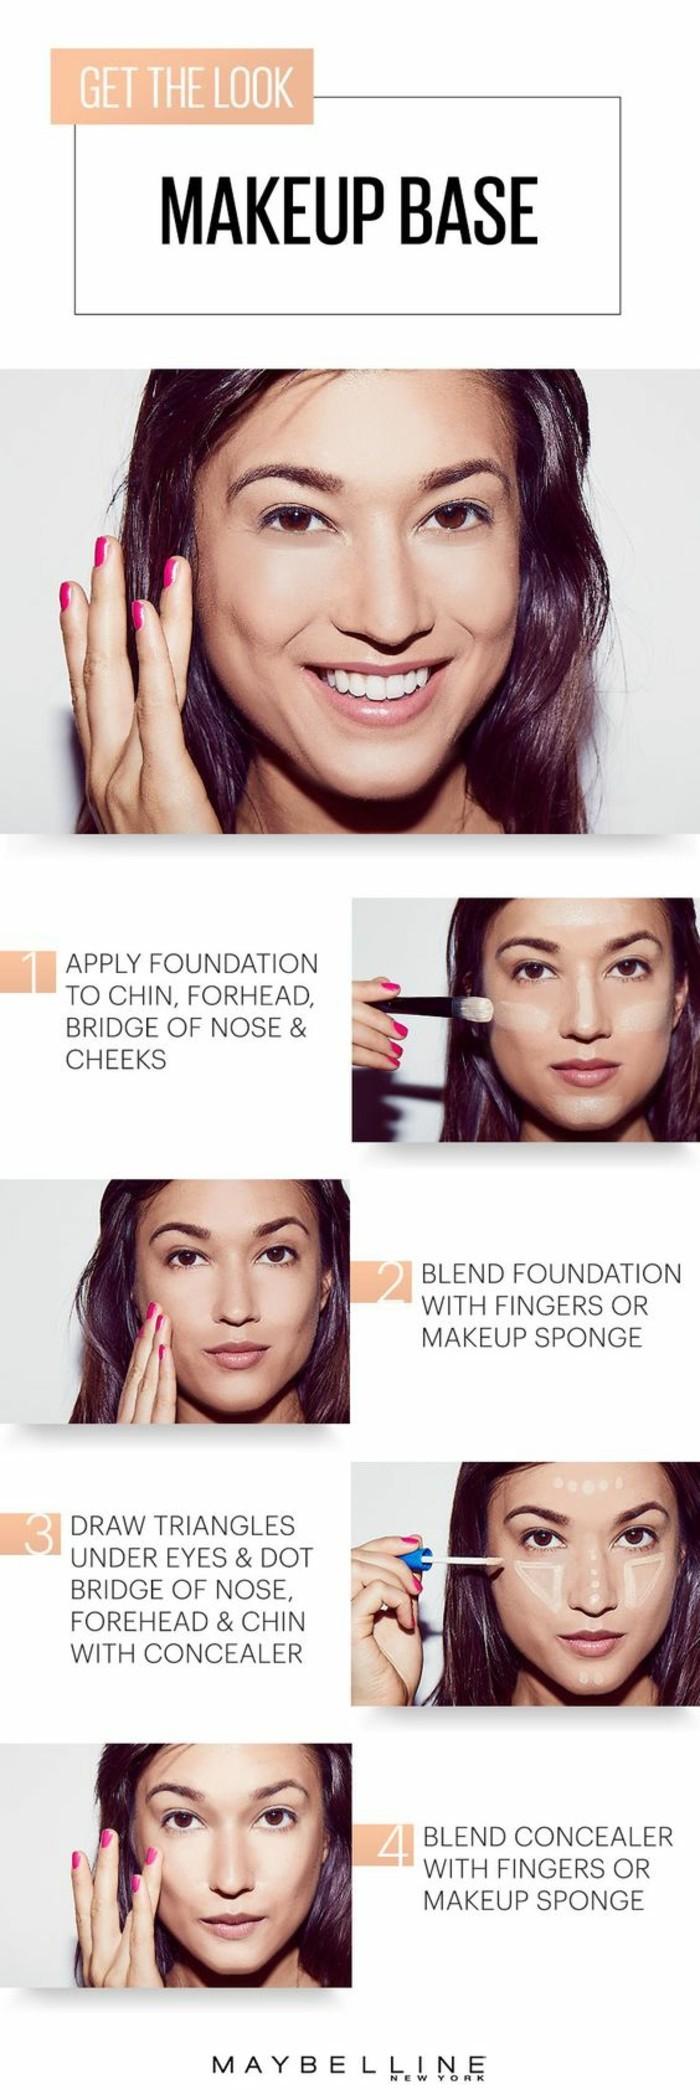 0-maybeline-tuto-maquillage-pour-visage-quel-fond-de-teint-choisir-nos-idées